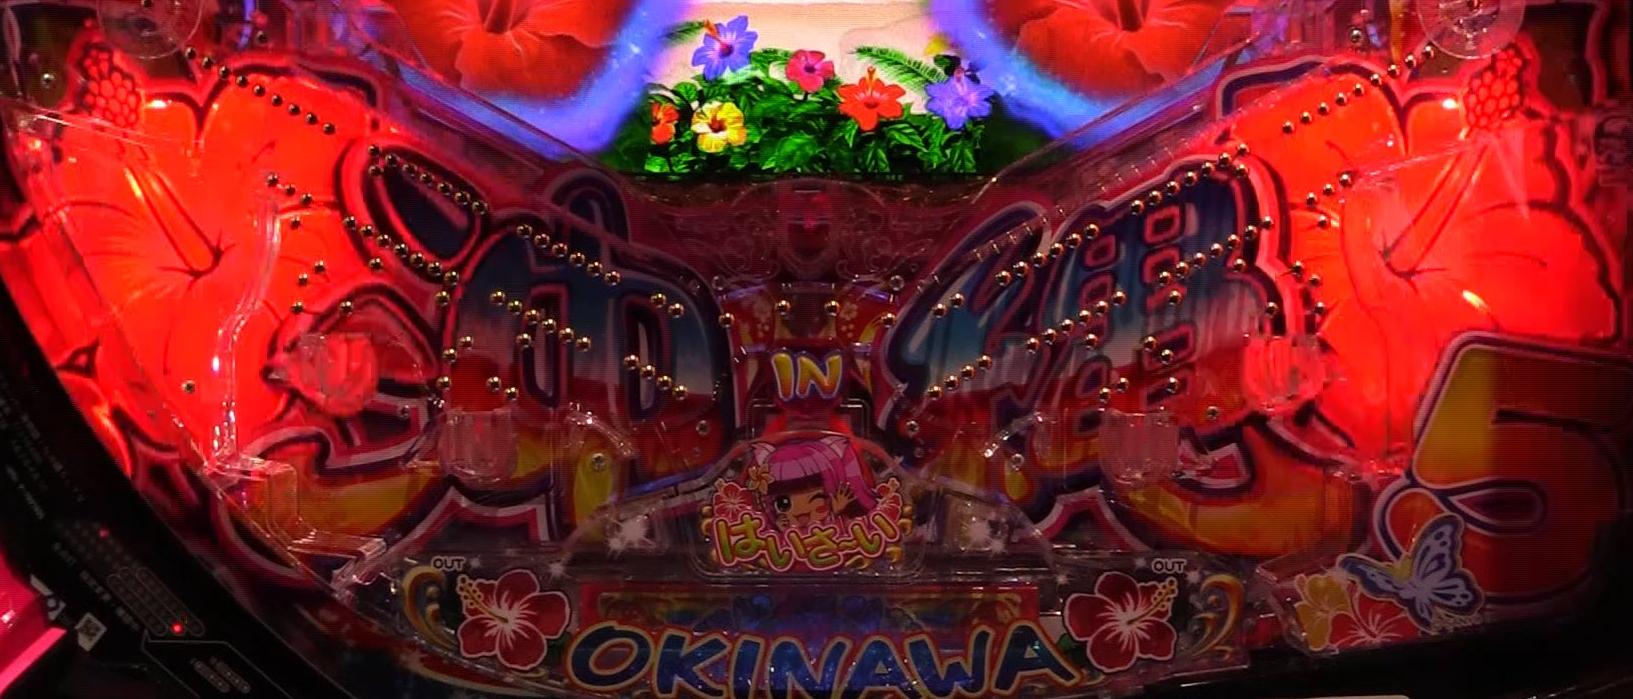 パチンコPスーパー海物語 IN 沖縄5盤面ハイビスカスの画像